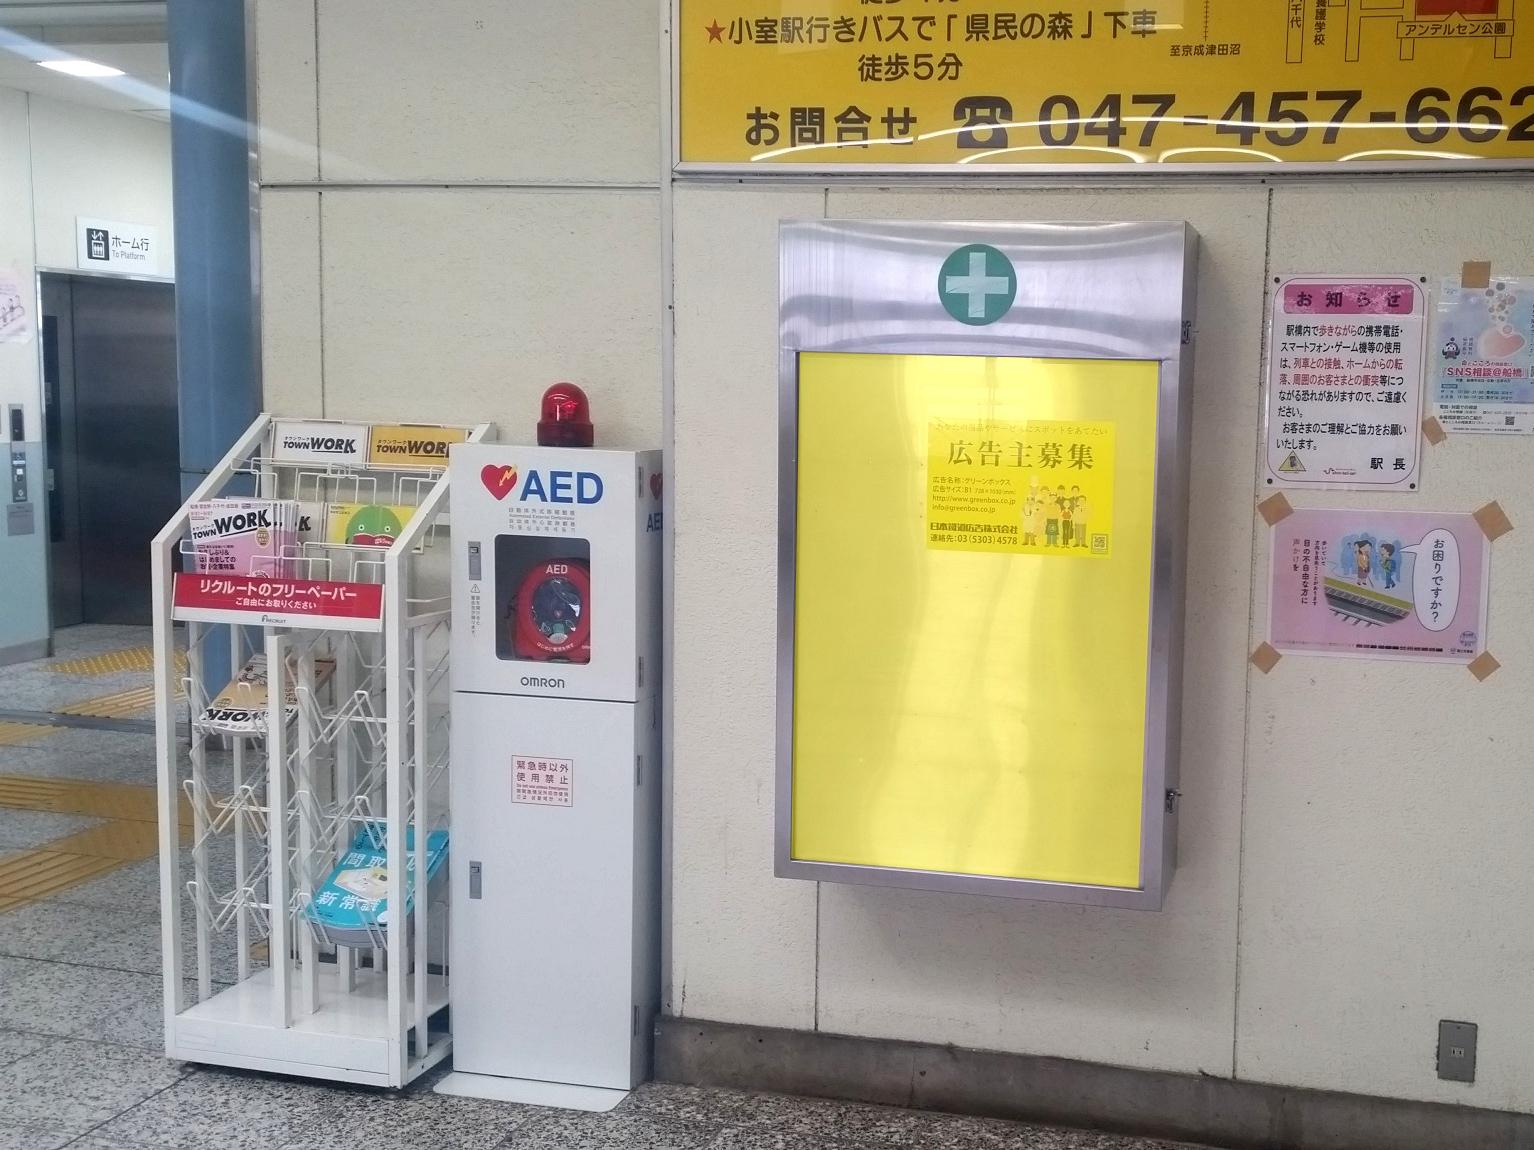 三咲駅媒体画像